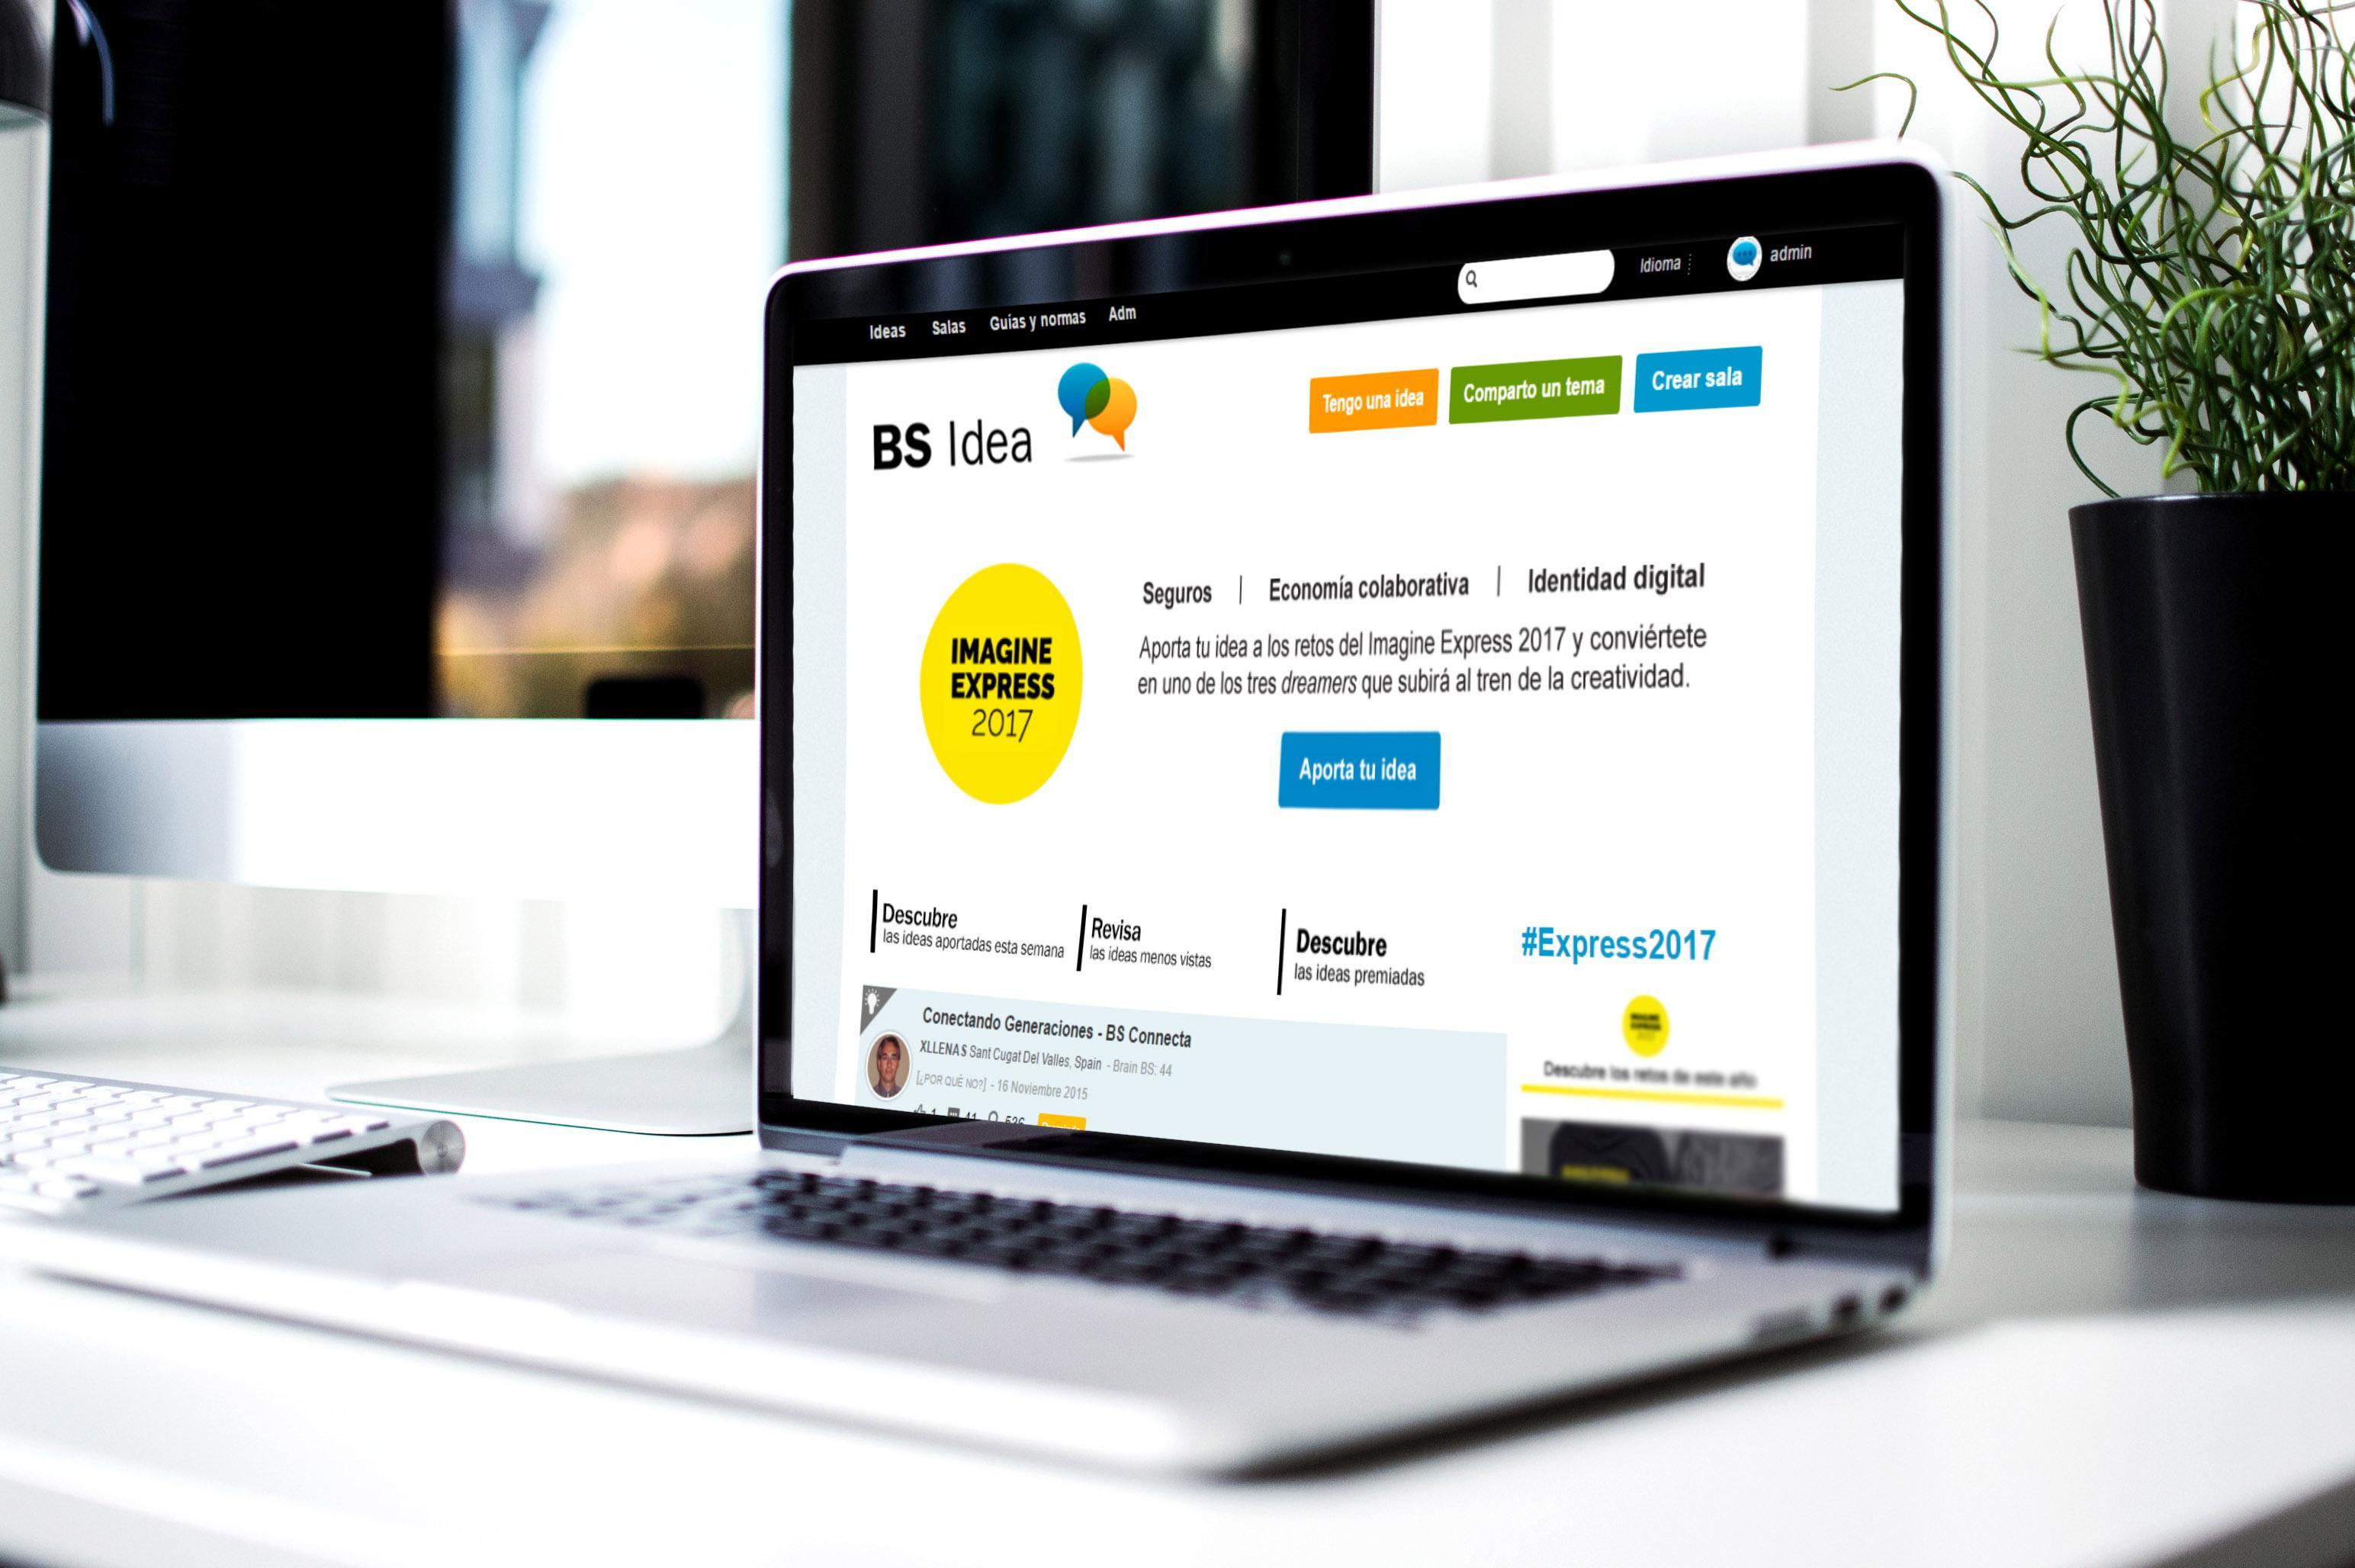 BS idea, la comunidad de innovación interna de Banco Sabadell